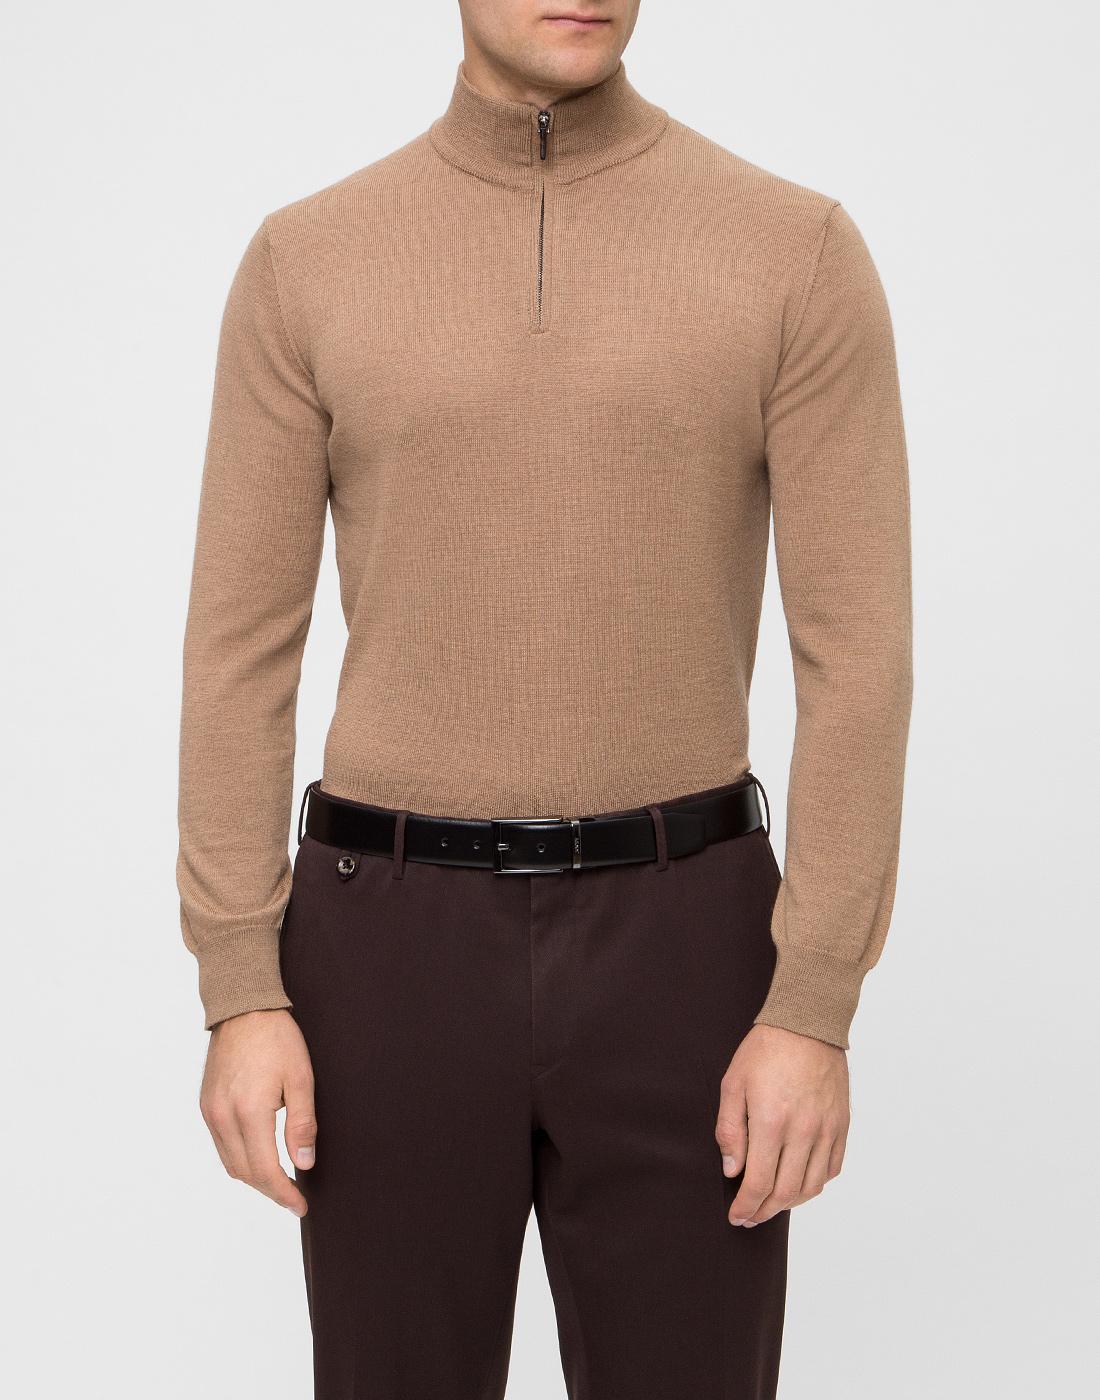 Мужской бежевый шерстяной свитер Dalmine S692029 537-2